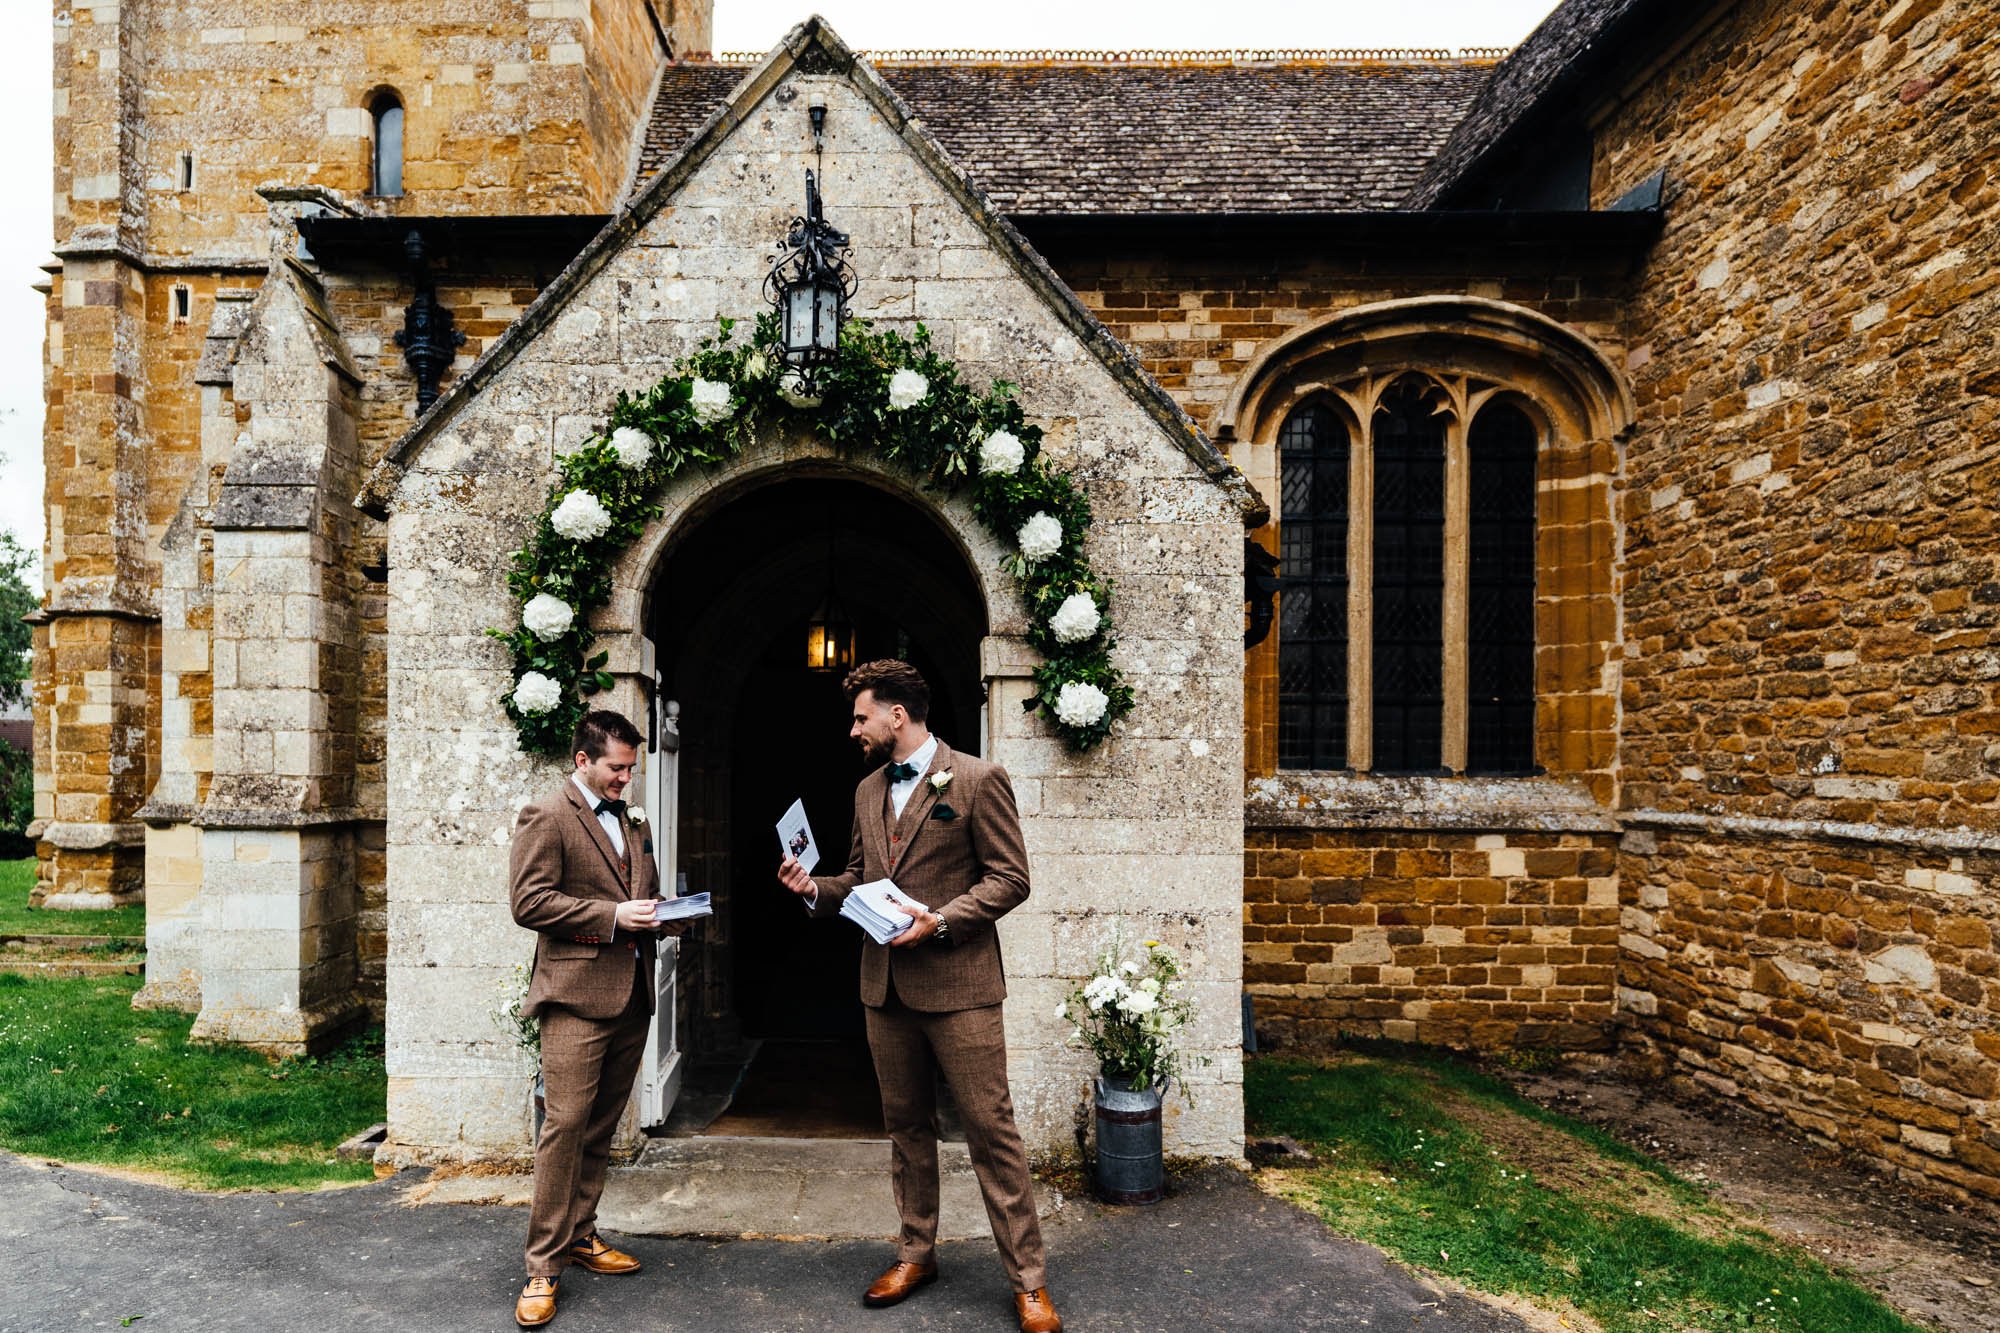 village-fete-wedding-13